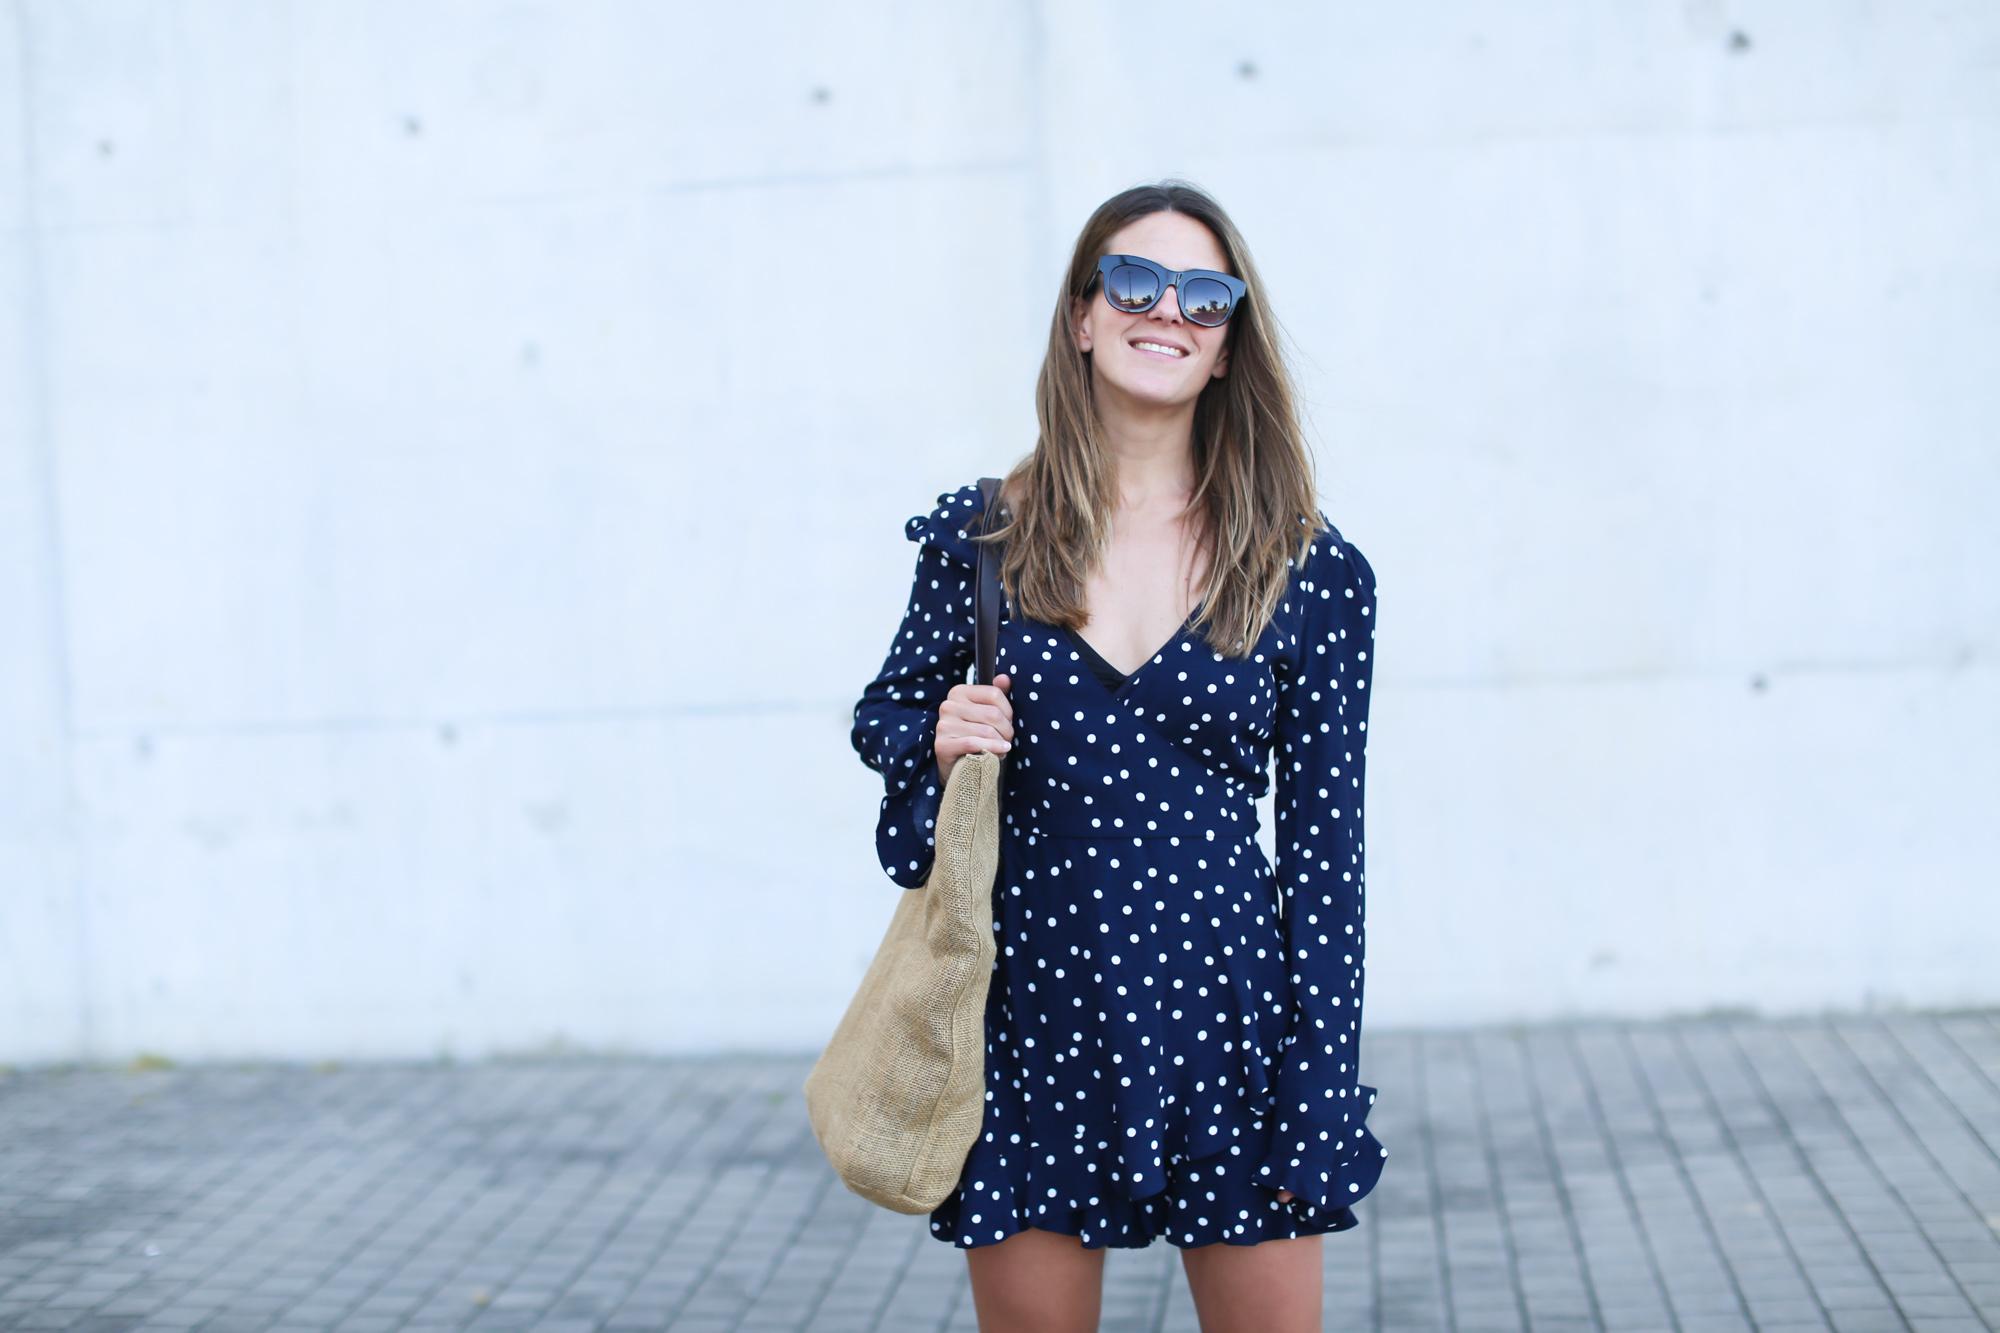 precio bajo mejores zapatillas de deporte rendimiento confiable Mono corto lunares Zara   look zara   Zara - Blog de moda ...